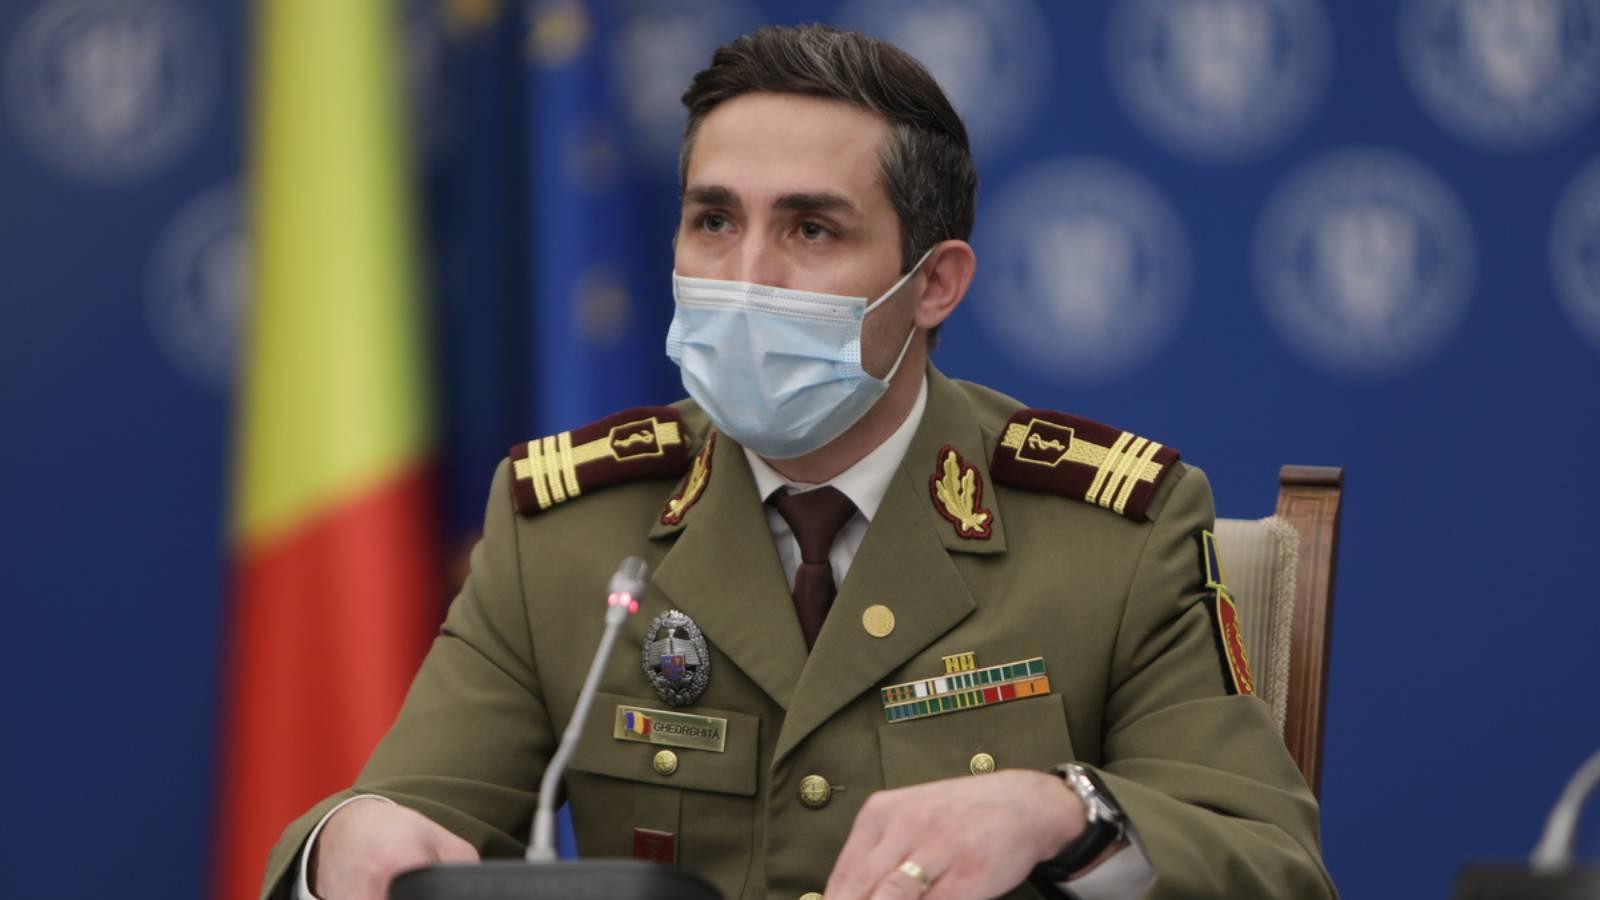 România începe administrarea dozei trei de vaccin. Valeriu Gheorghiță a făcut anunțul